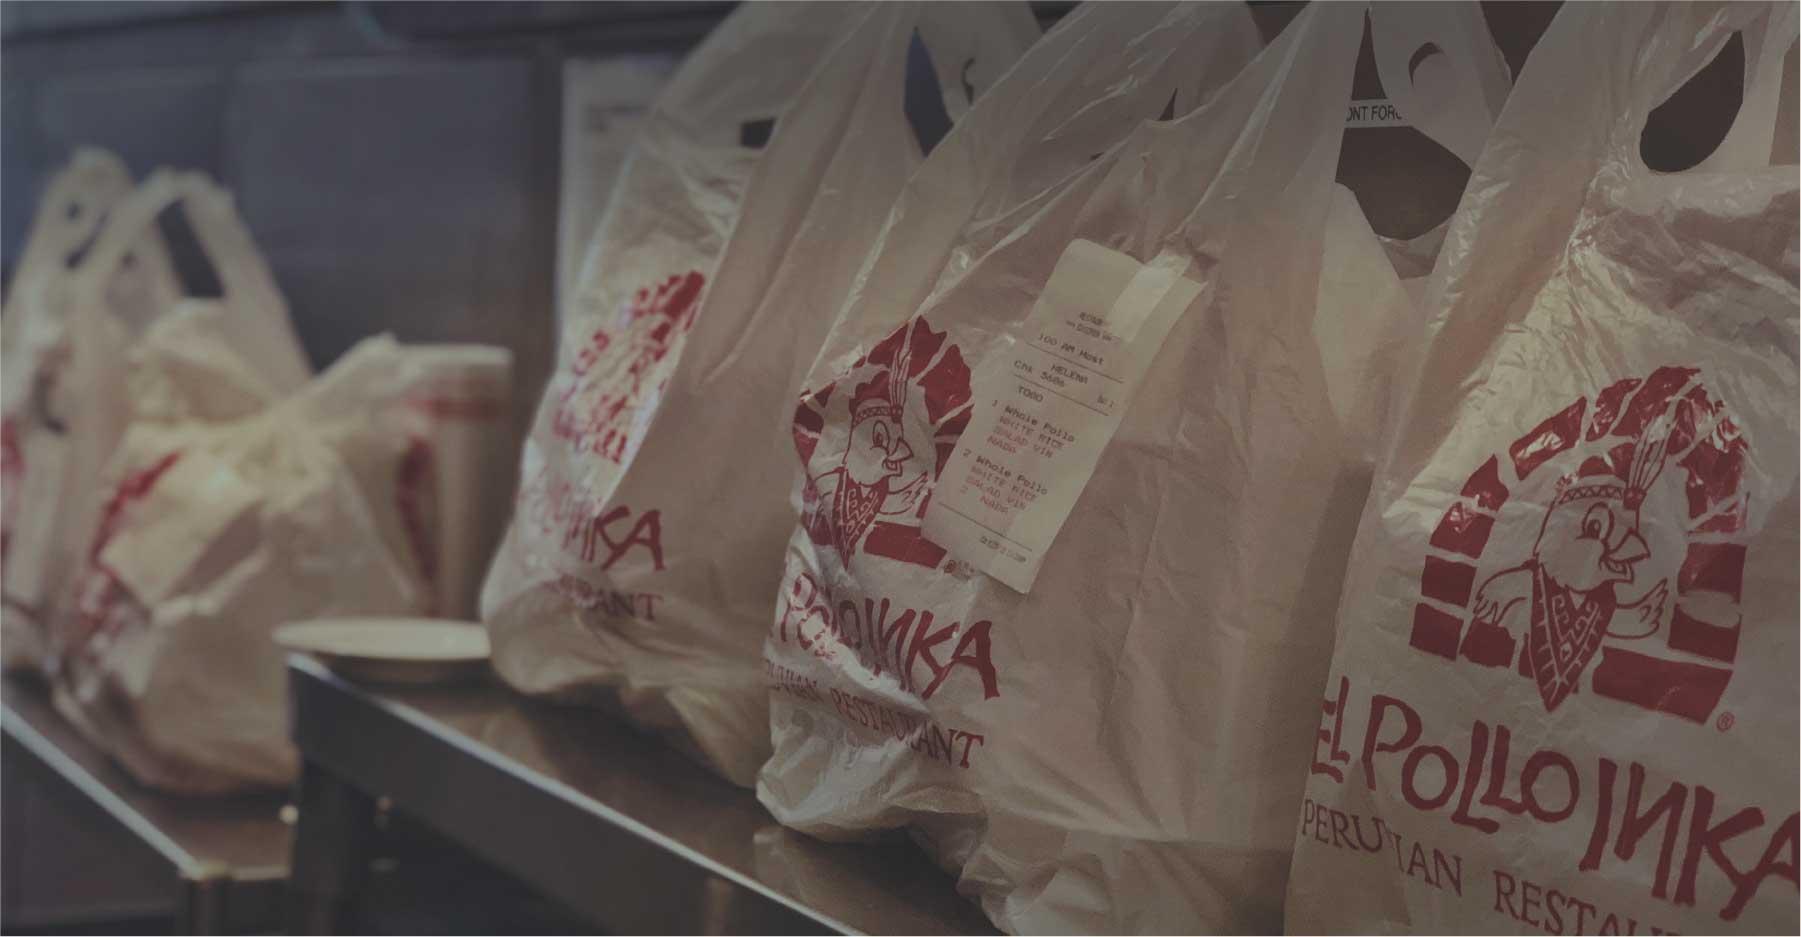 El Pollo Inka Delivery Bags